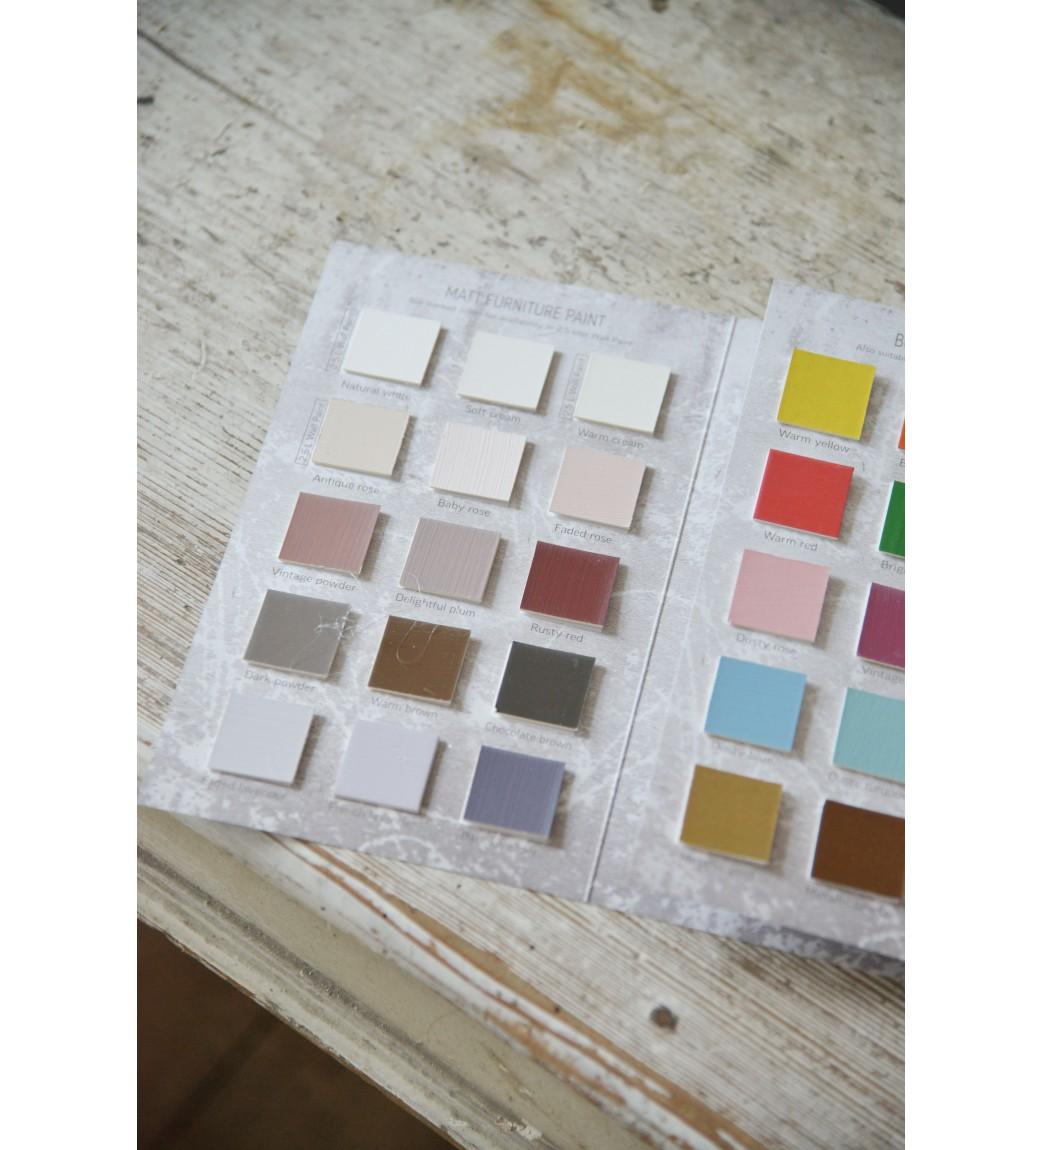 Farvekort Vintage Paint kalkmaling  - 1